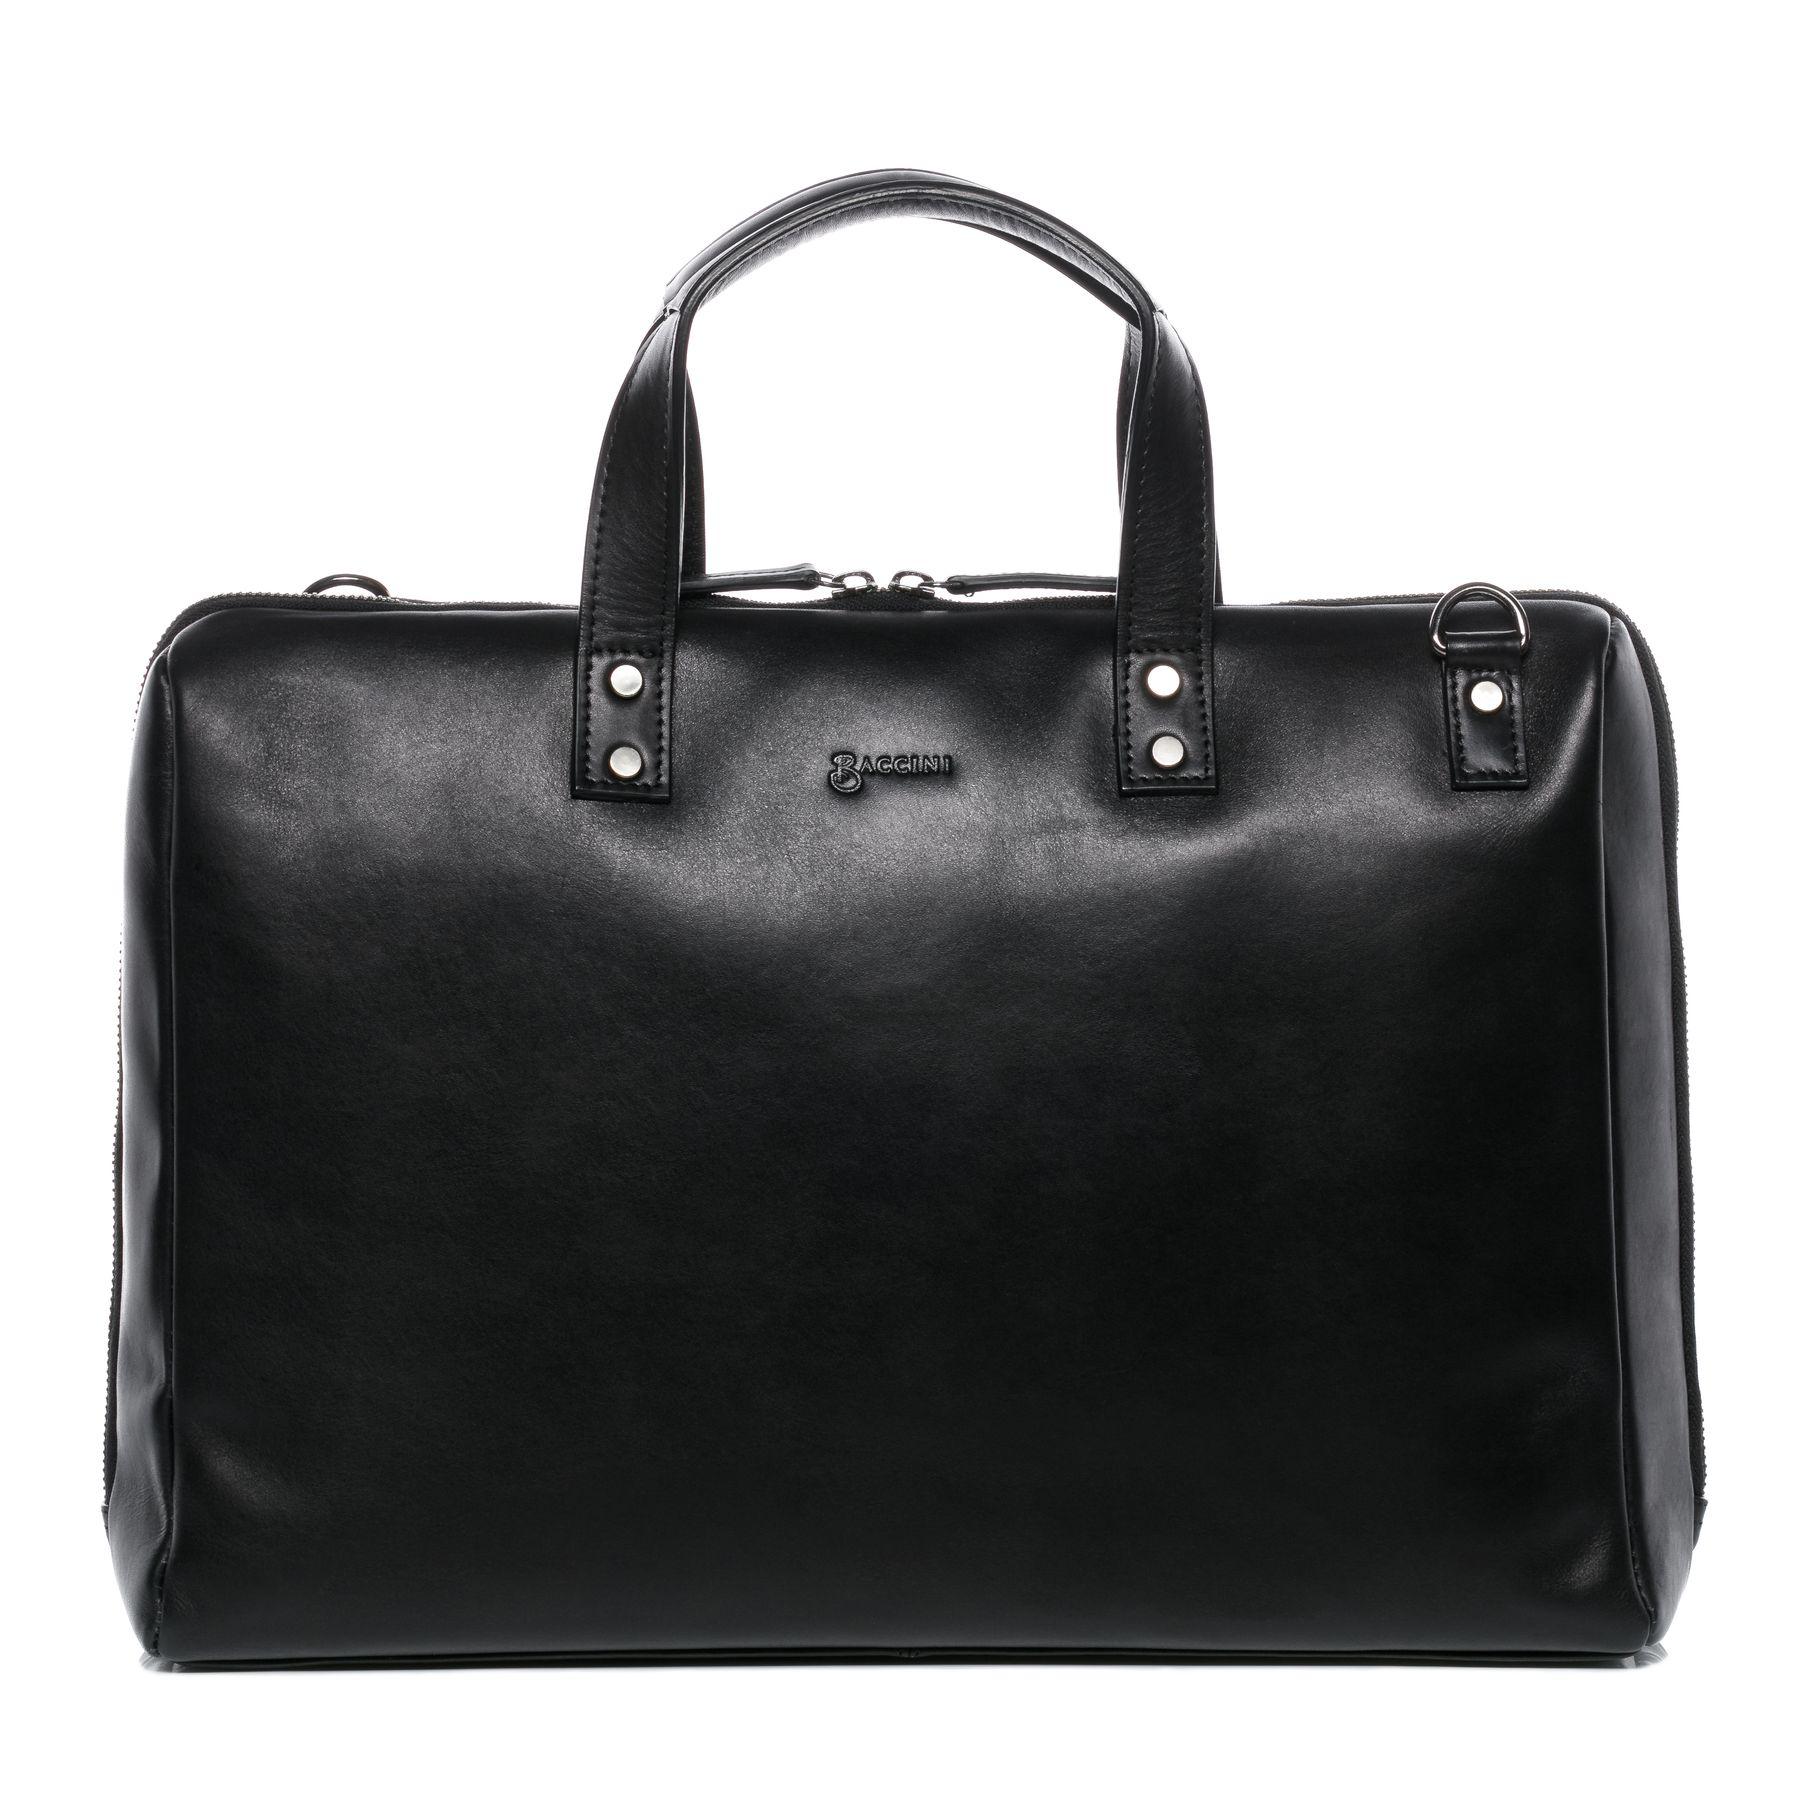 f9f88fe587 BACCINI sac pour ordinateur portable cuir noir cartable messager sac  travail sacoche bandoulière ordi Travail